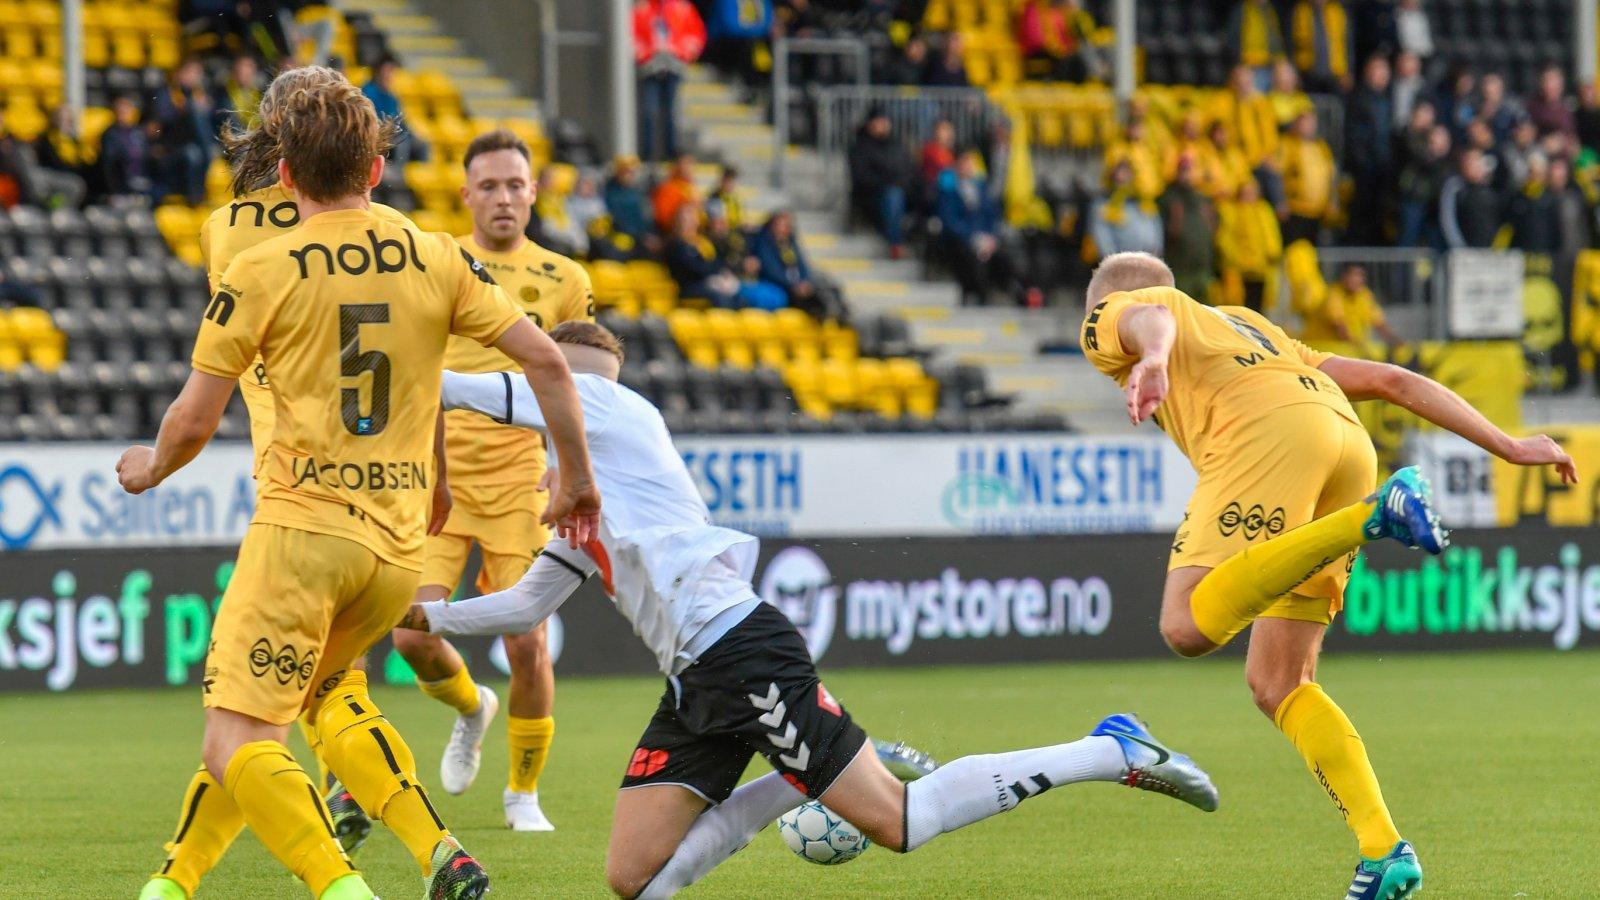 Bodø/Glimt mot Odd på Aspmyra.